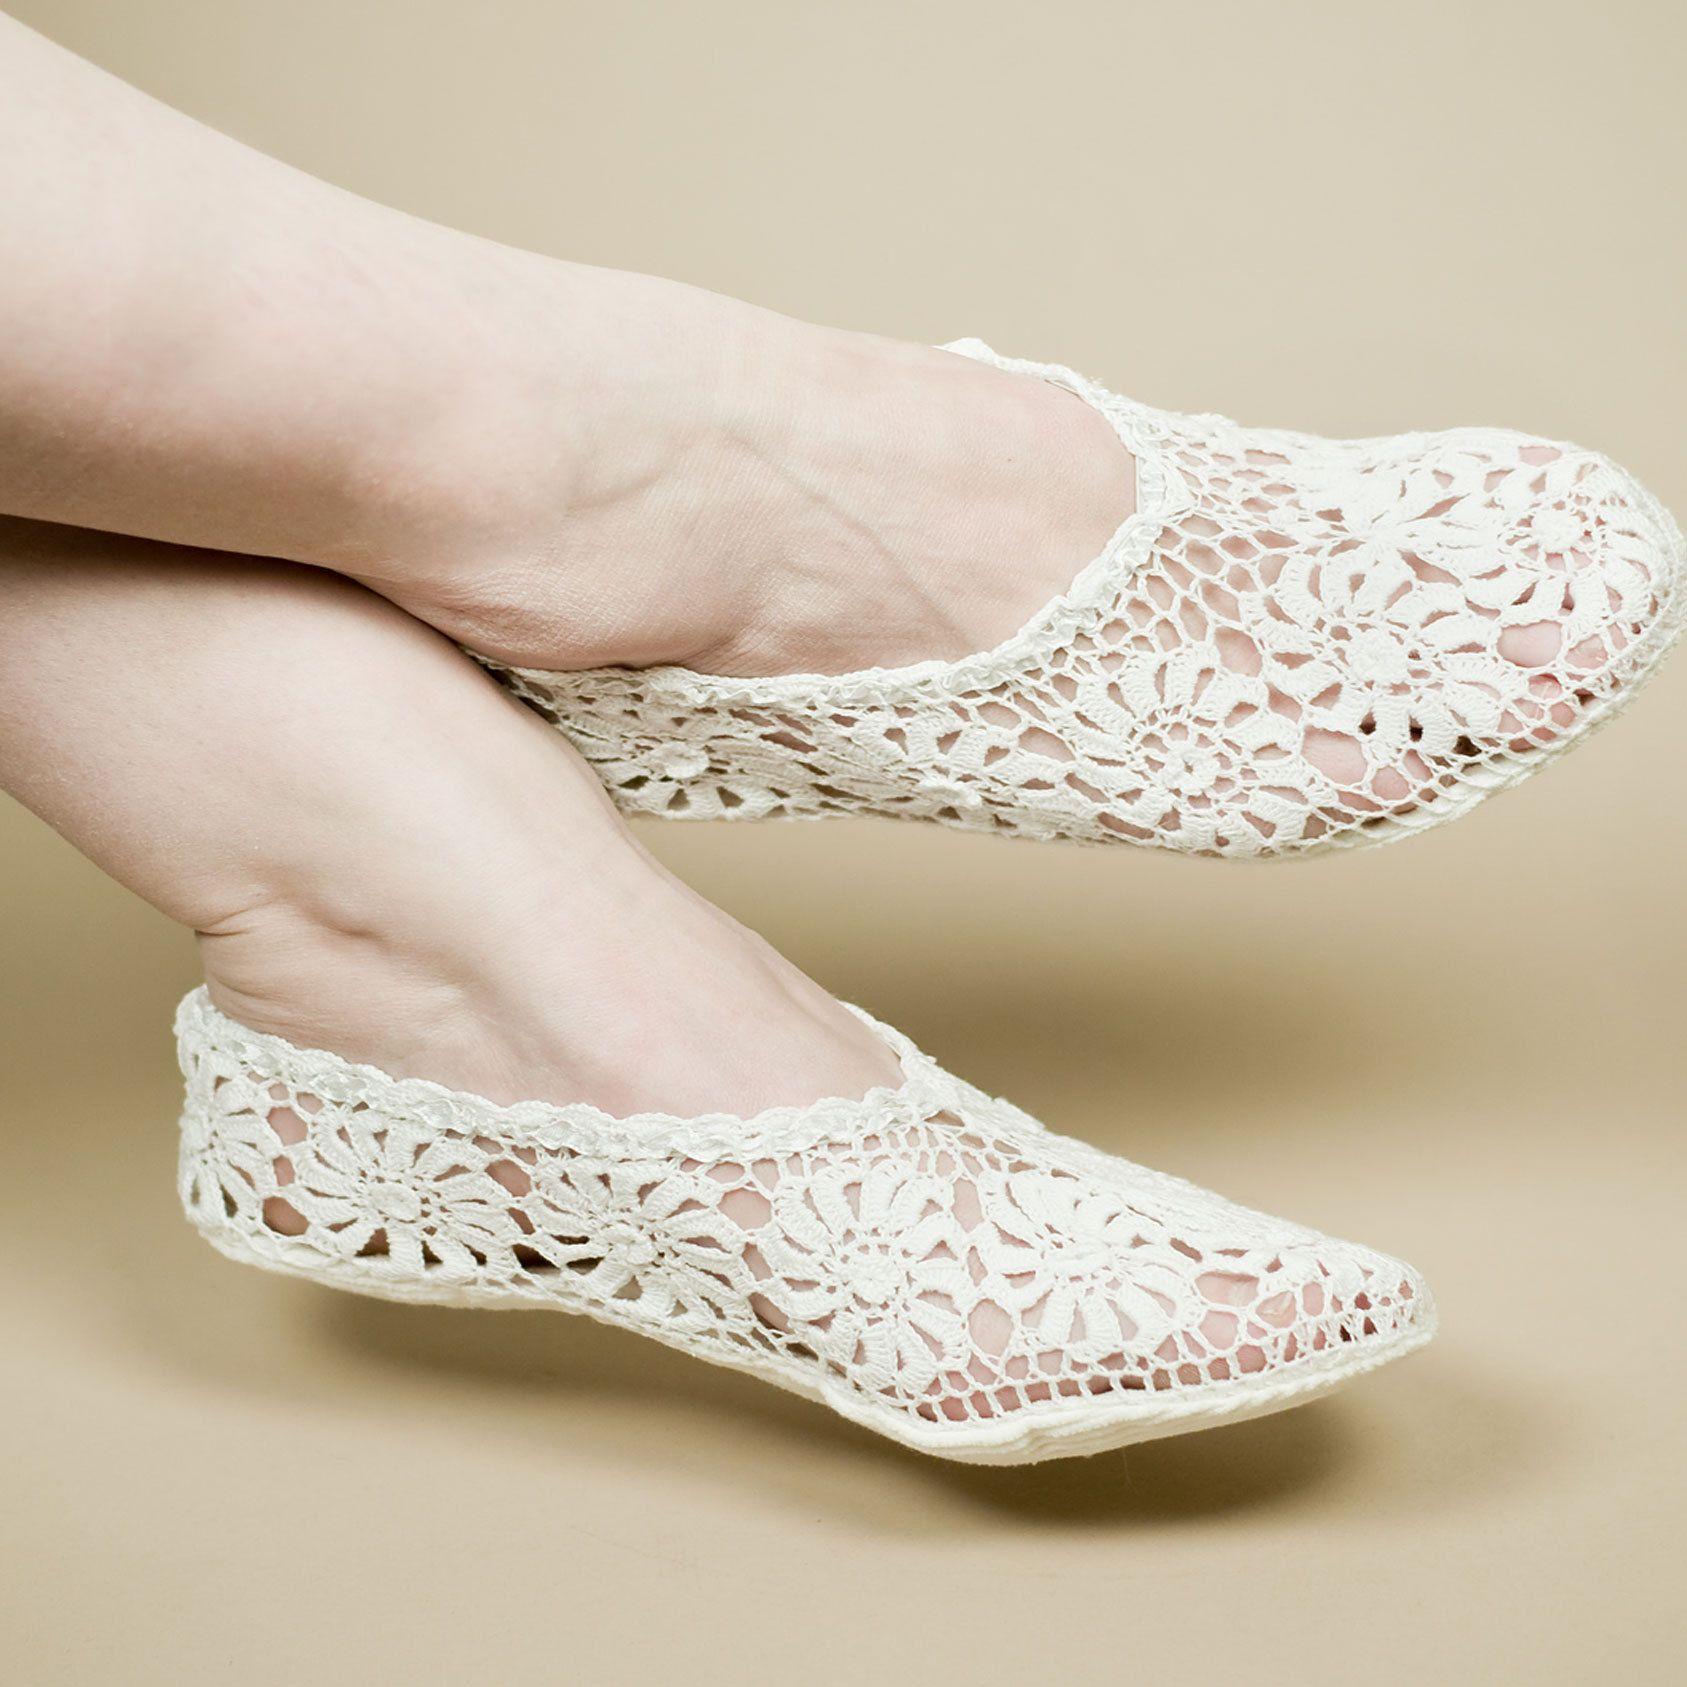 460 - Crocheted Slipper | Crochet slippers | Pinterest | Sandalias ...